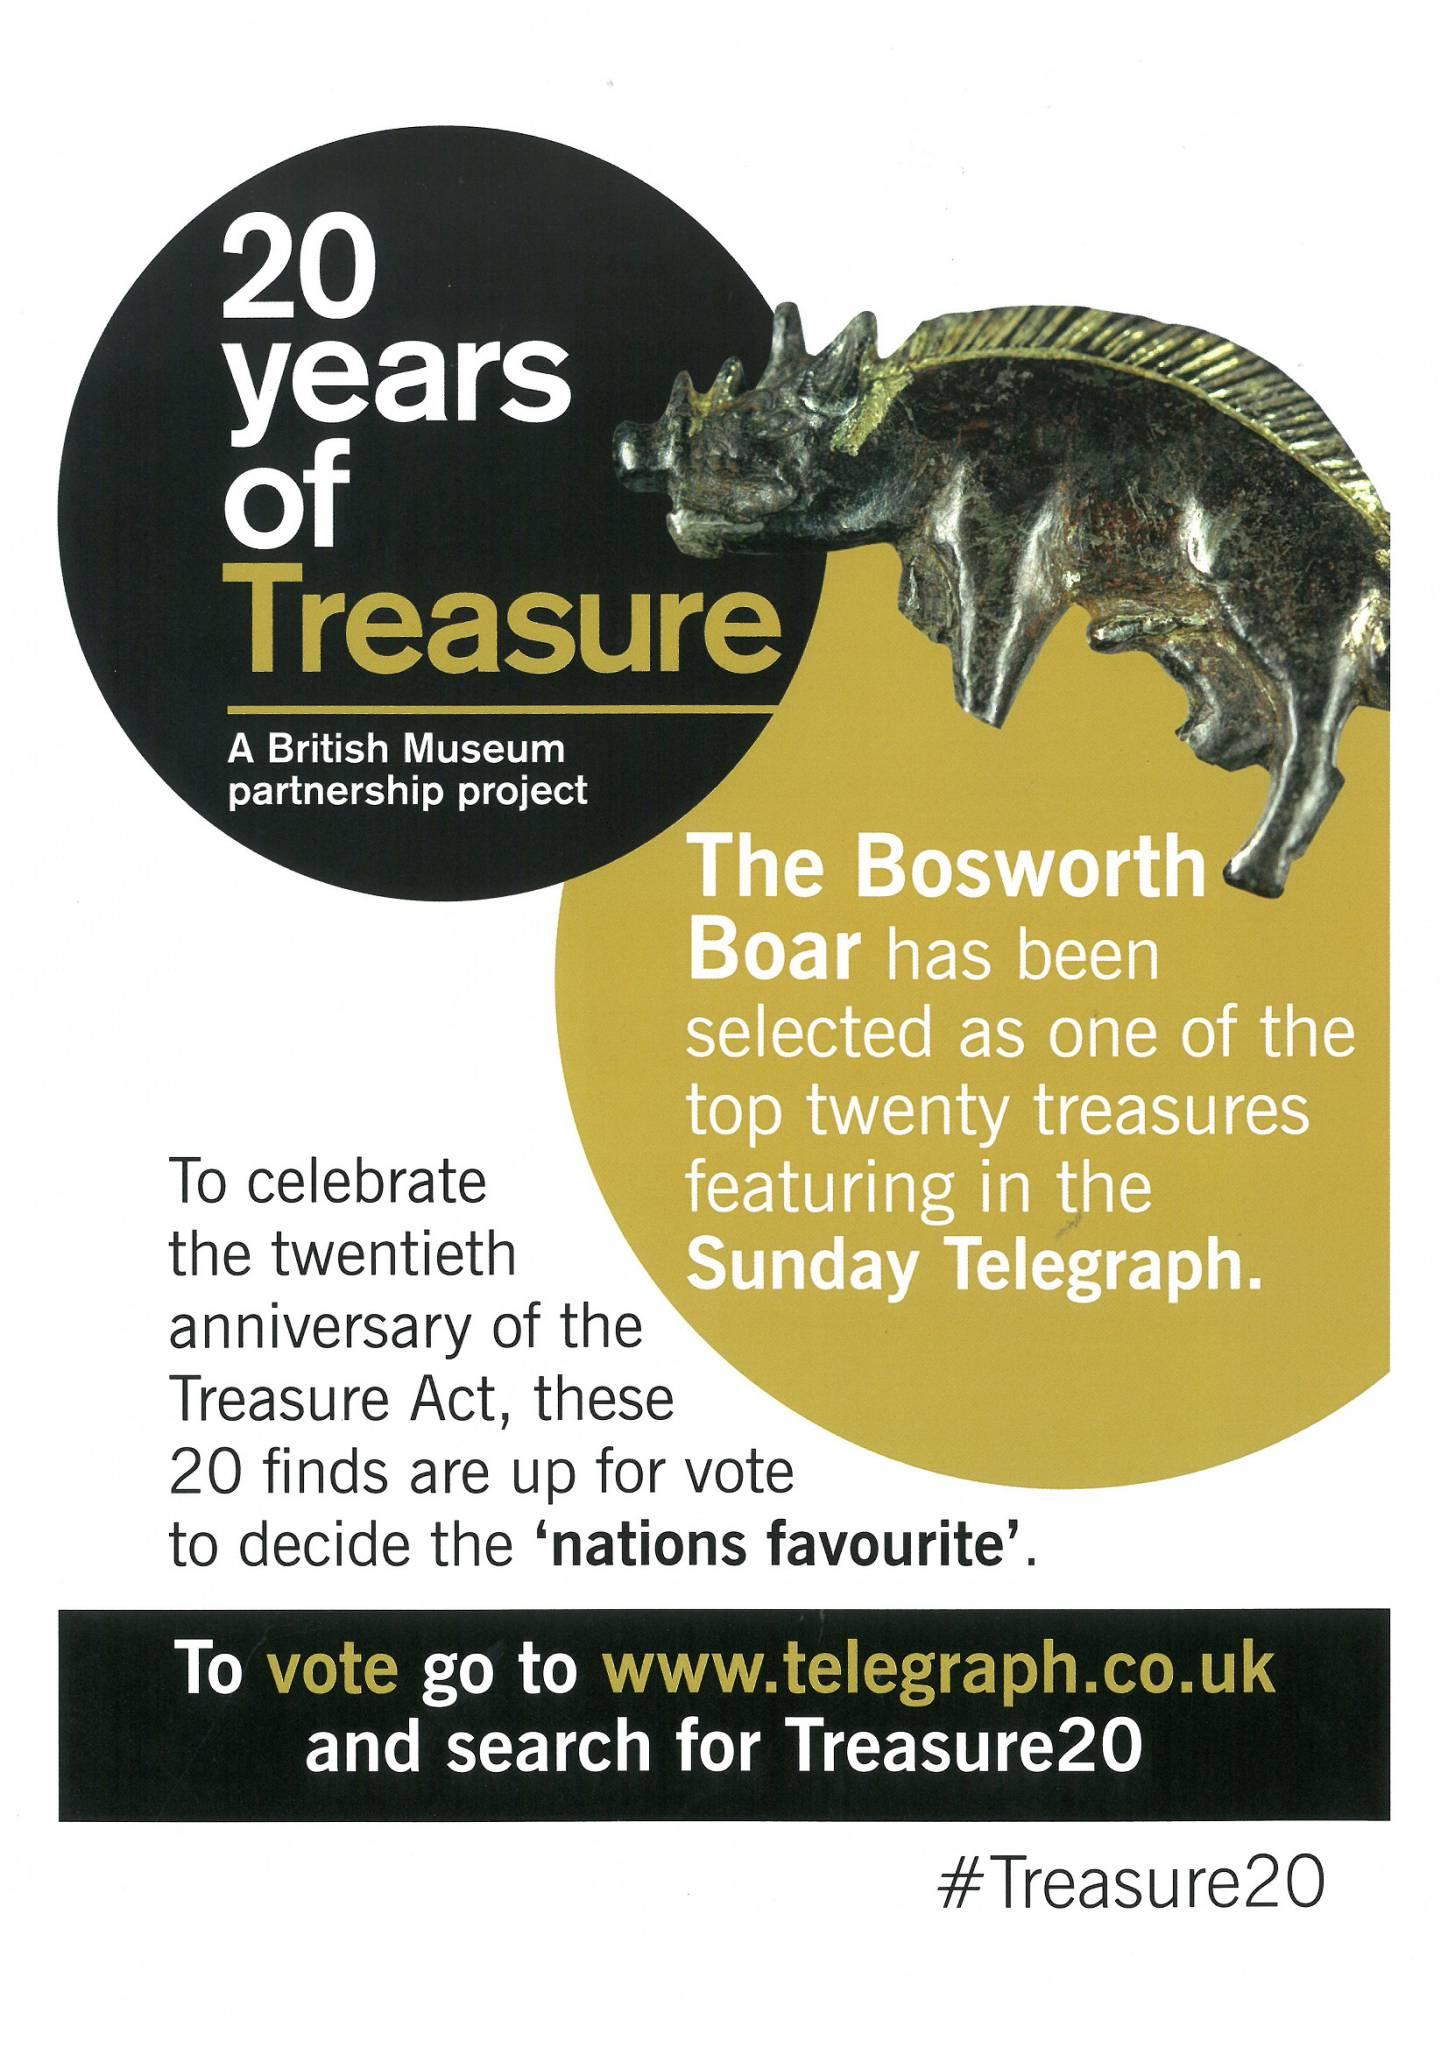 Treasure 20: The Bosworth Boar